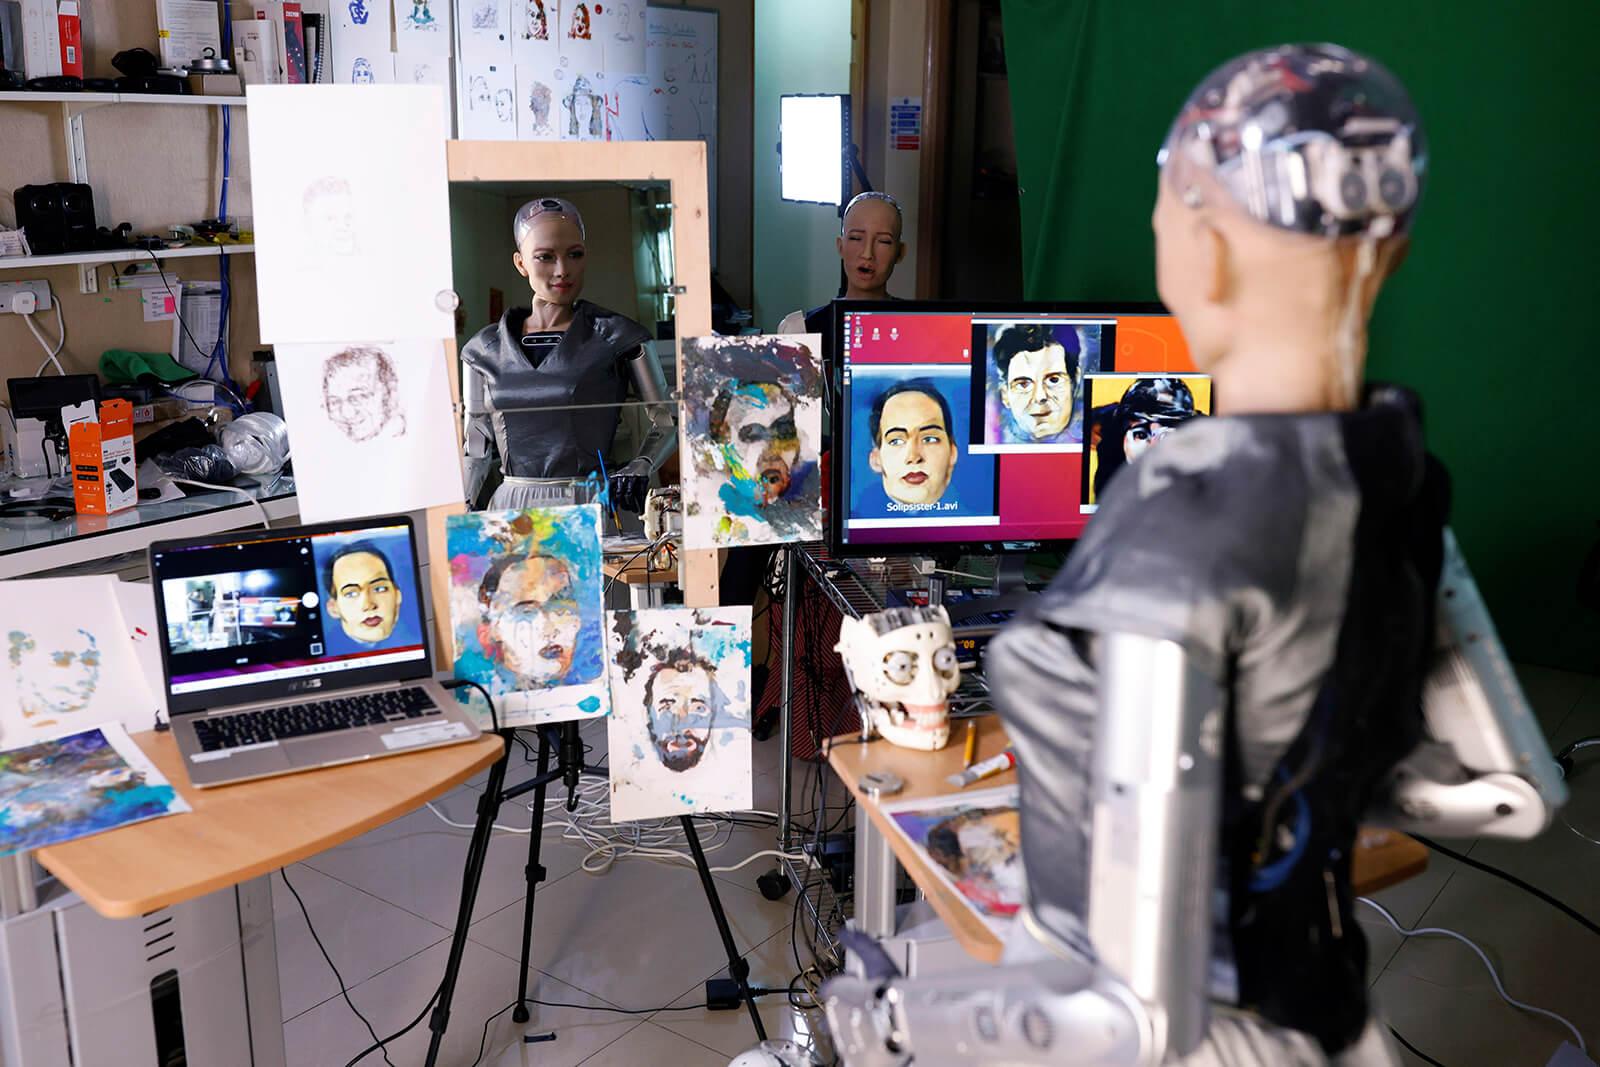 Картина, созданная роботом, продана за 689 тыс. долл.